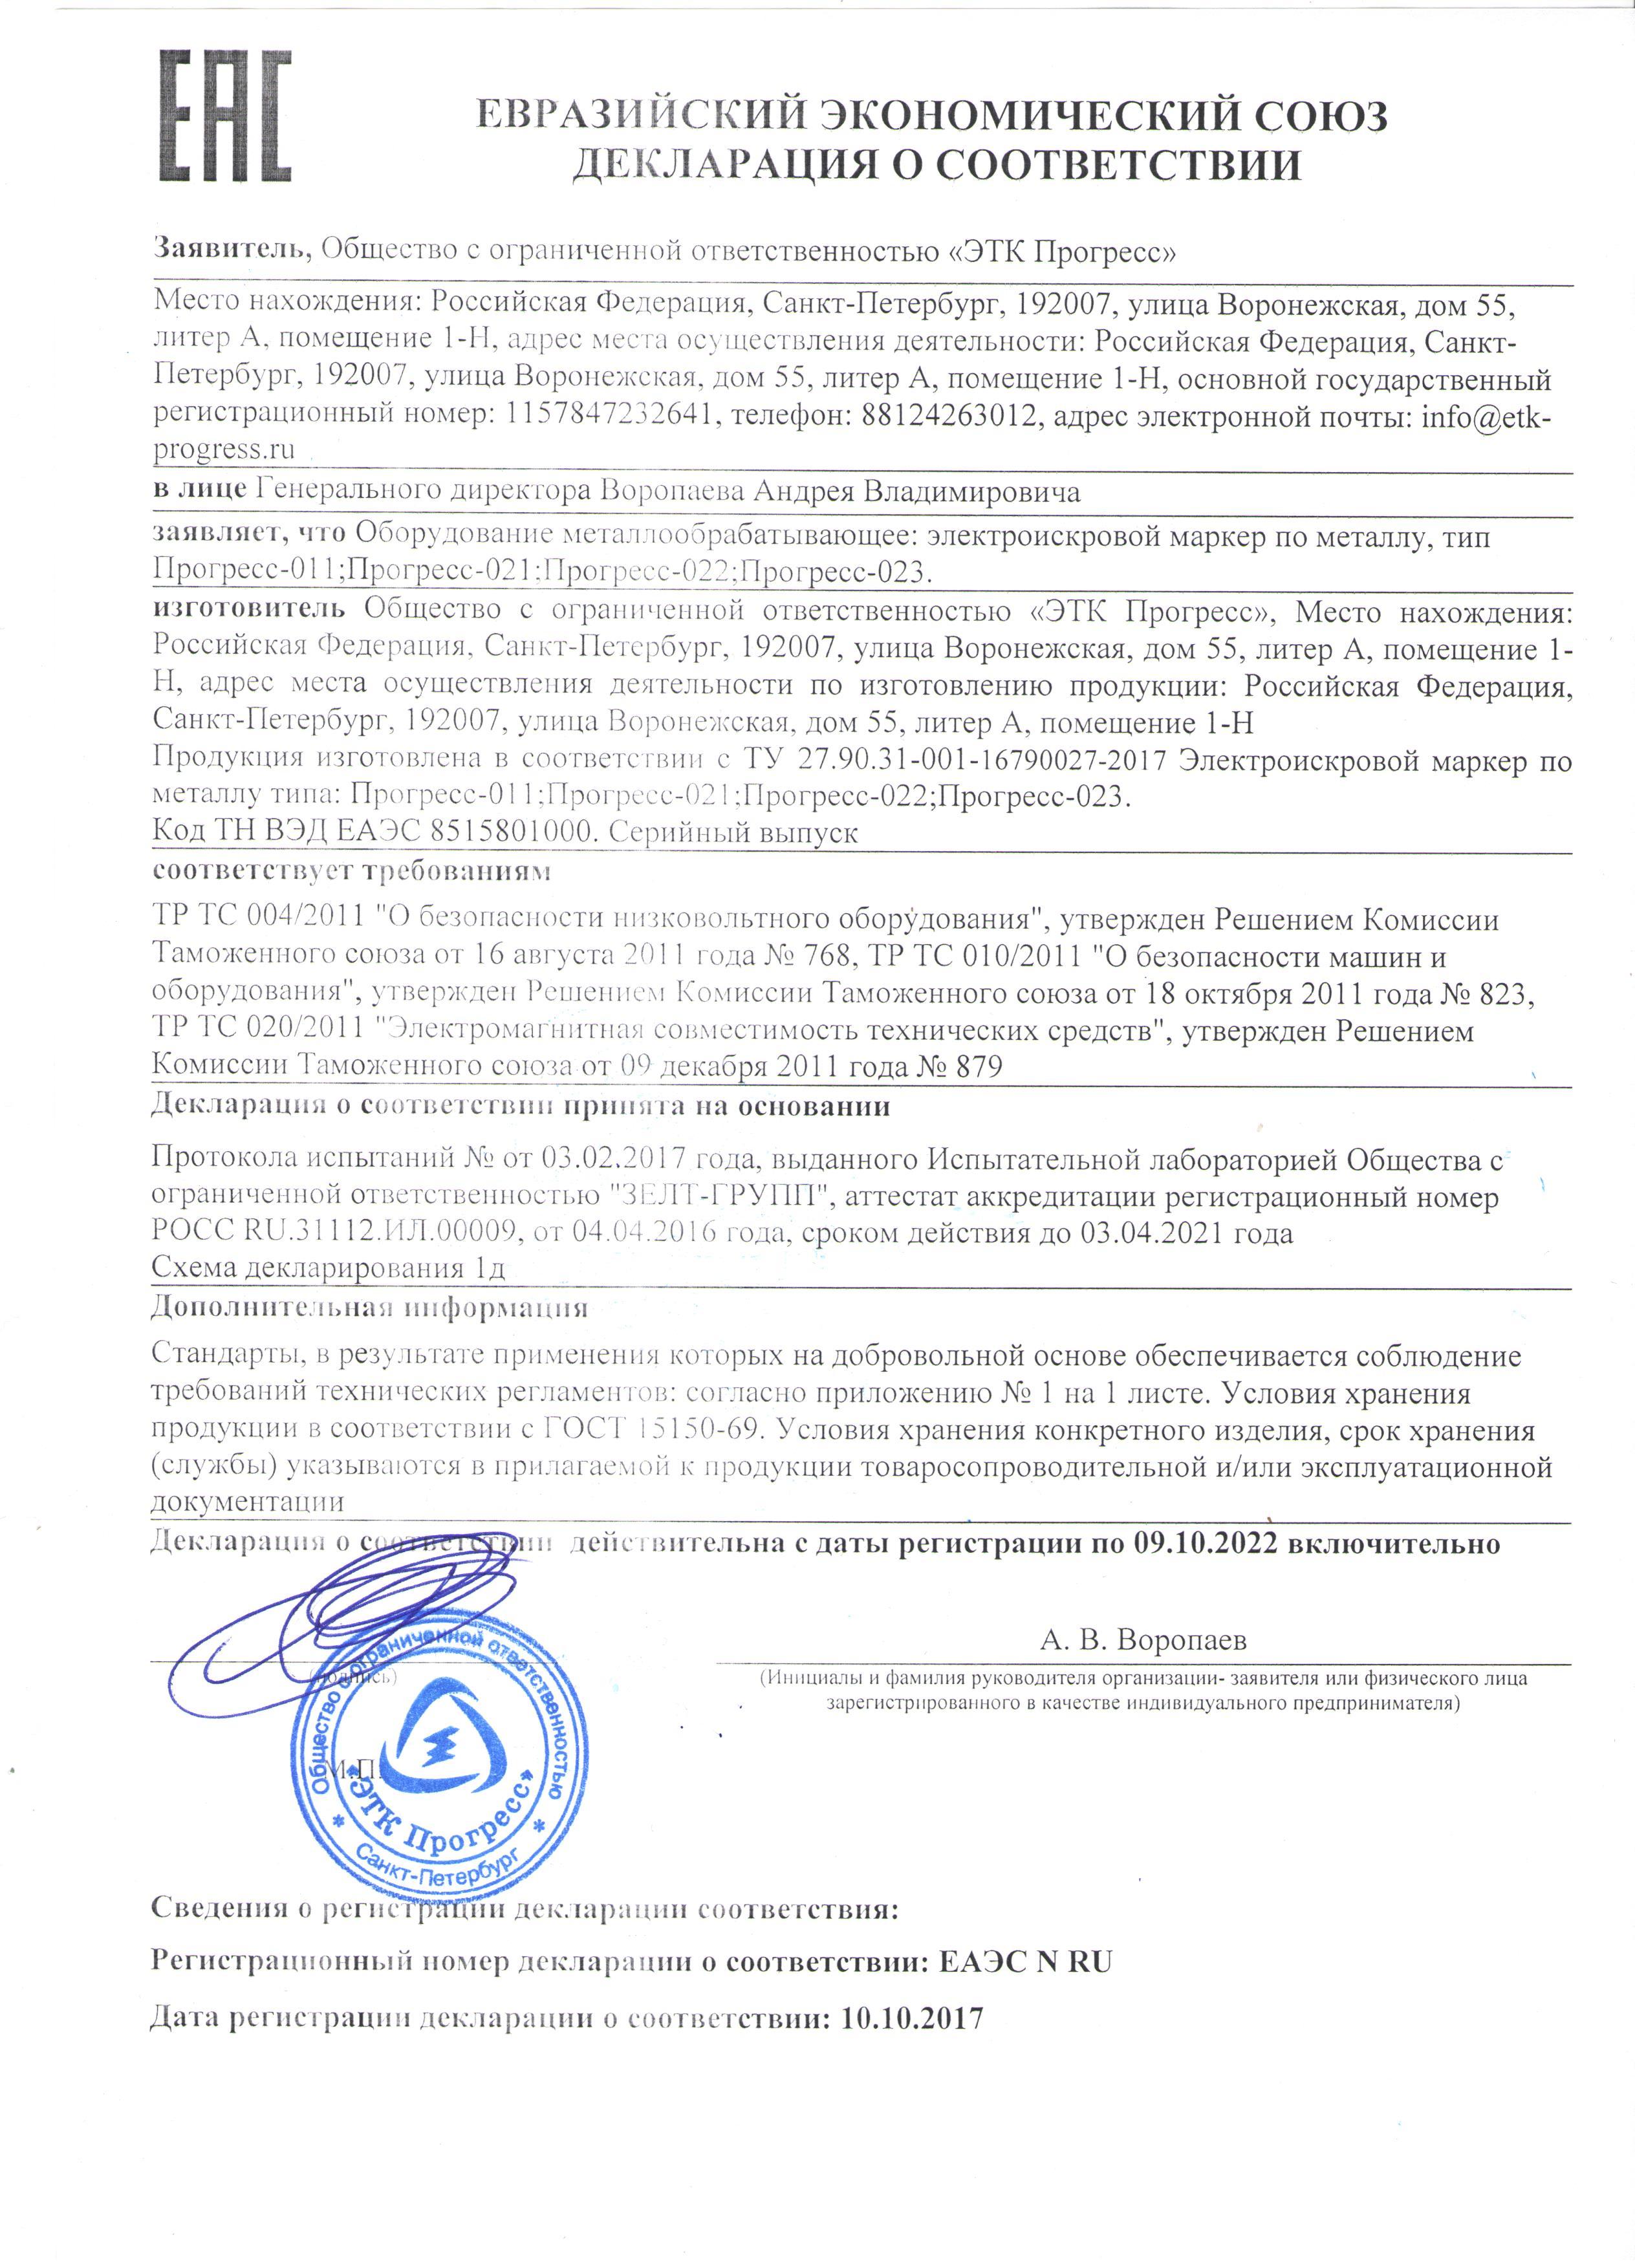 Сертификат на электромаркер EOC